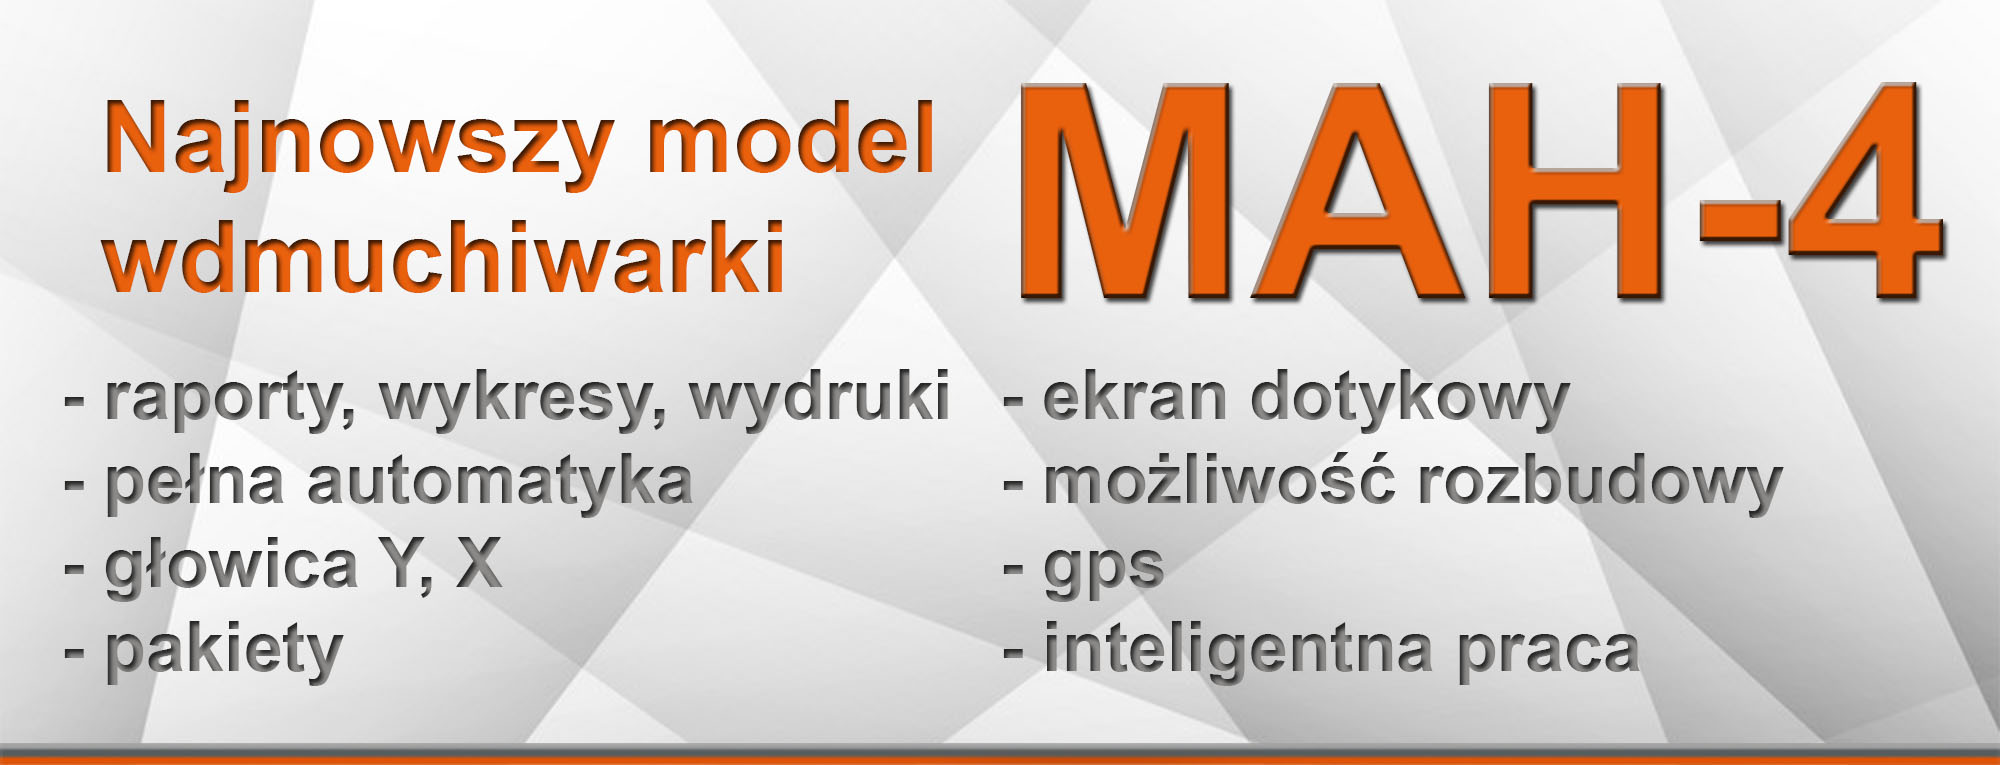 Najnowszy model wdmuchiwarki MAH-4